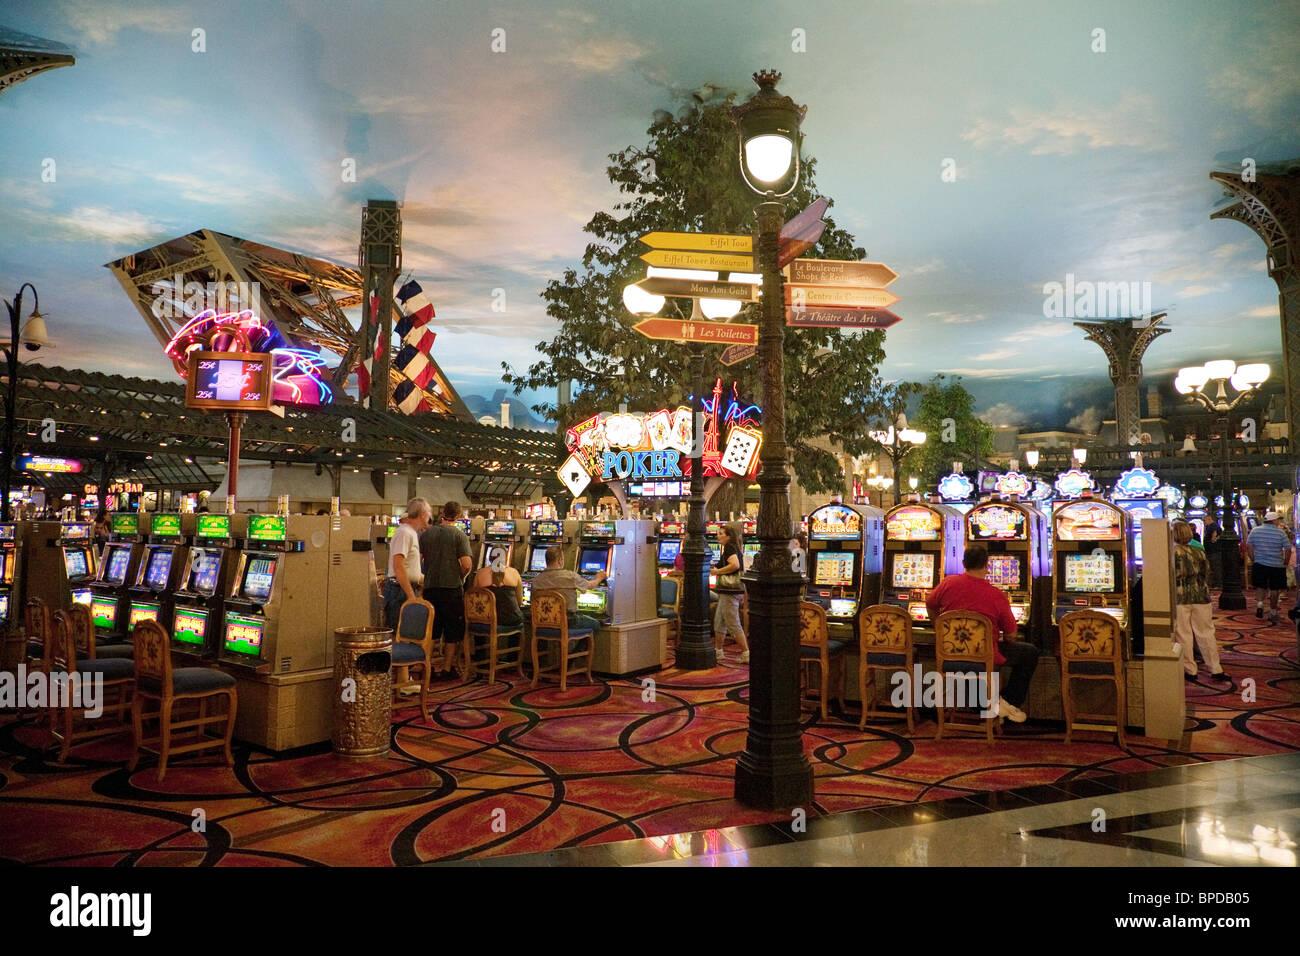 10 Romantic Hotels in Las Vegas - ARIA, Venetian, Vdara & more   Paris Hotel Las Vegas Inside